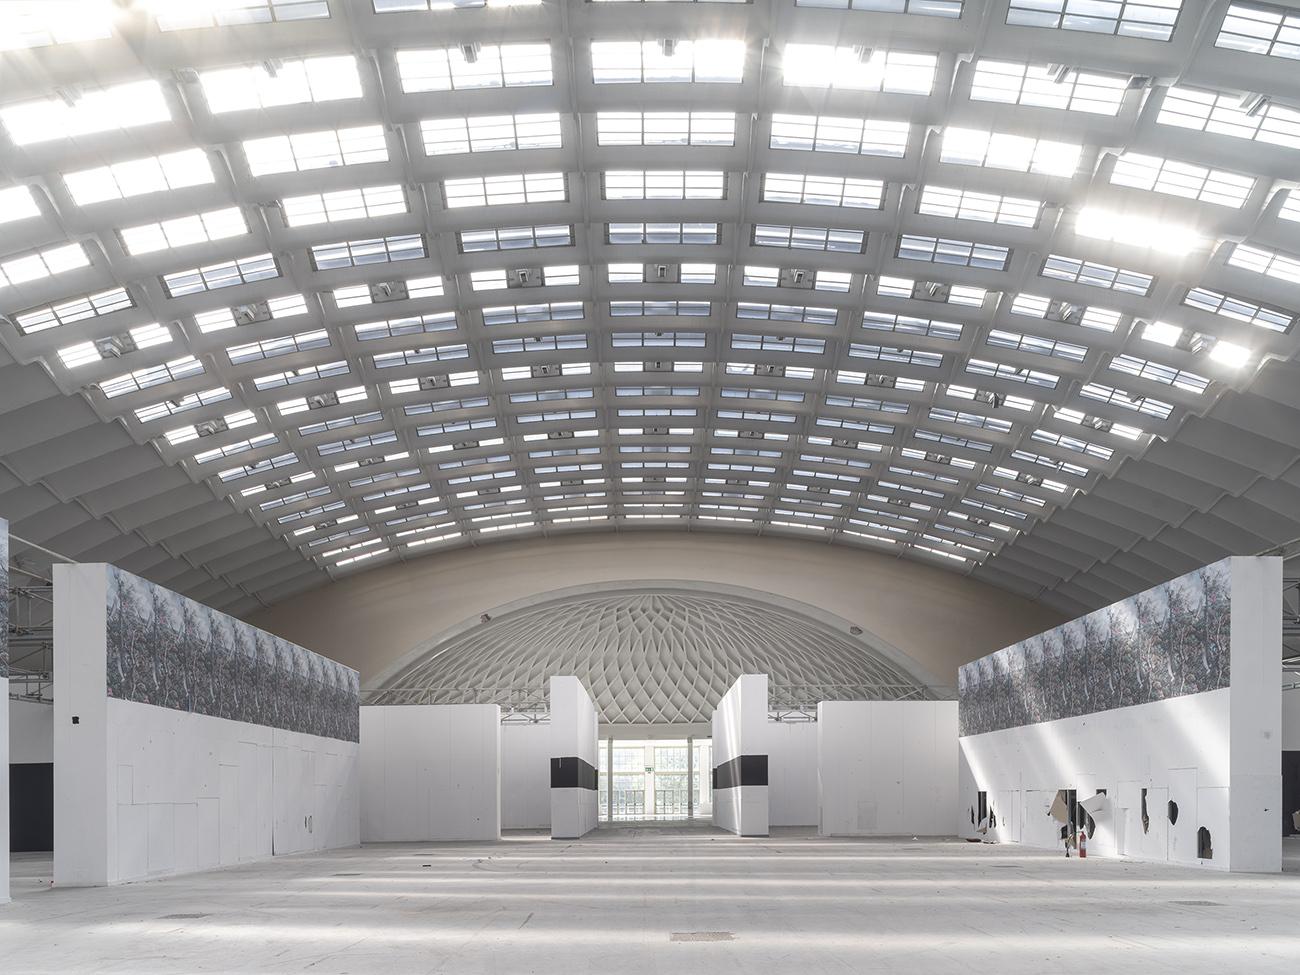 Italijos konferencijų ir parodų centras Turine (arch. Pier Luigi Nervi, 1954). Foto: Fabio Oggero ir PLN Project nuosavybė